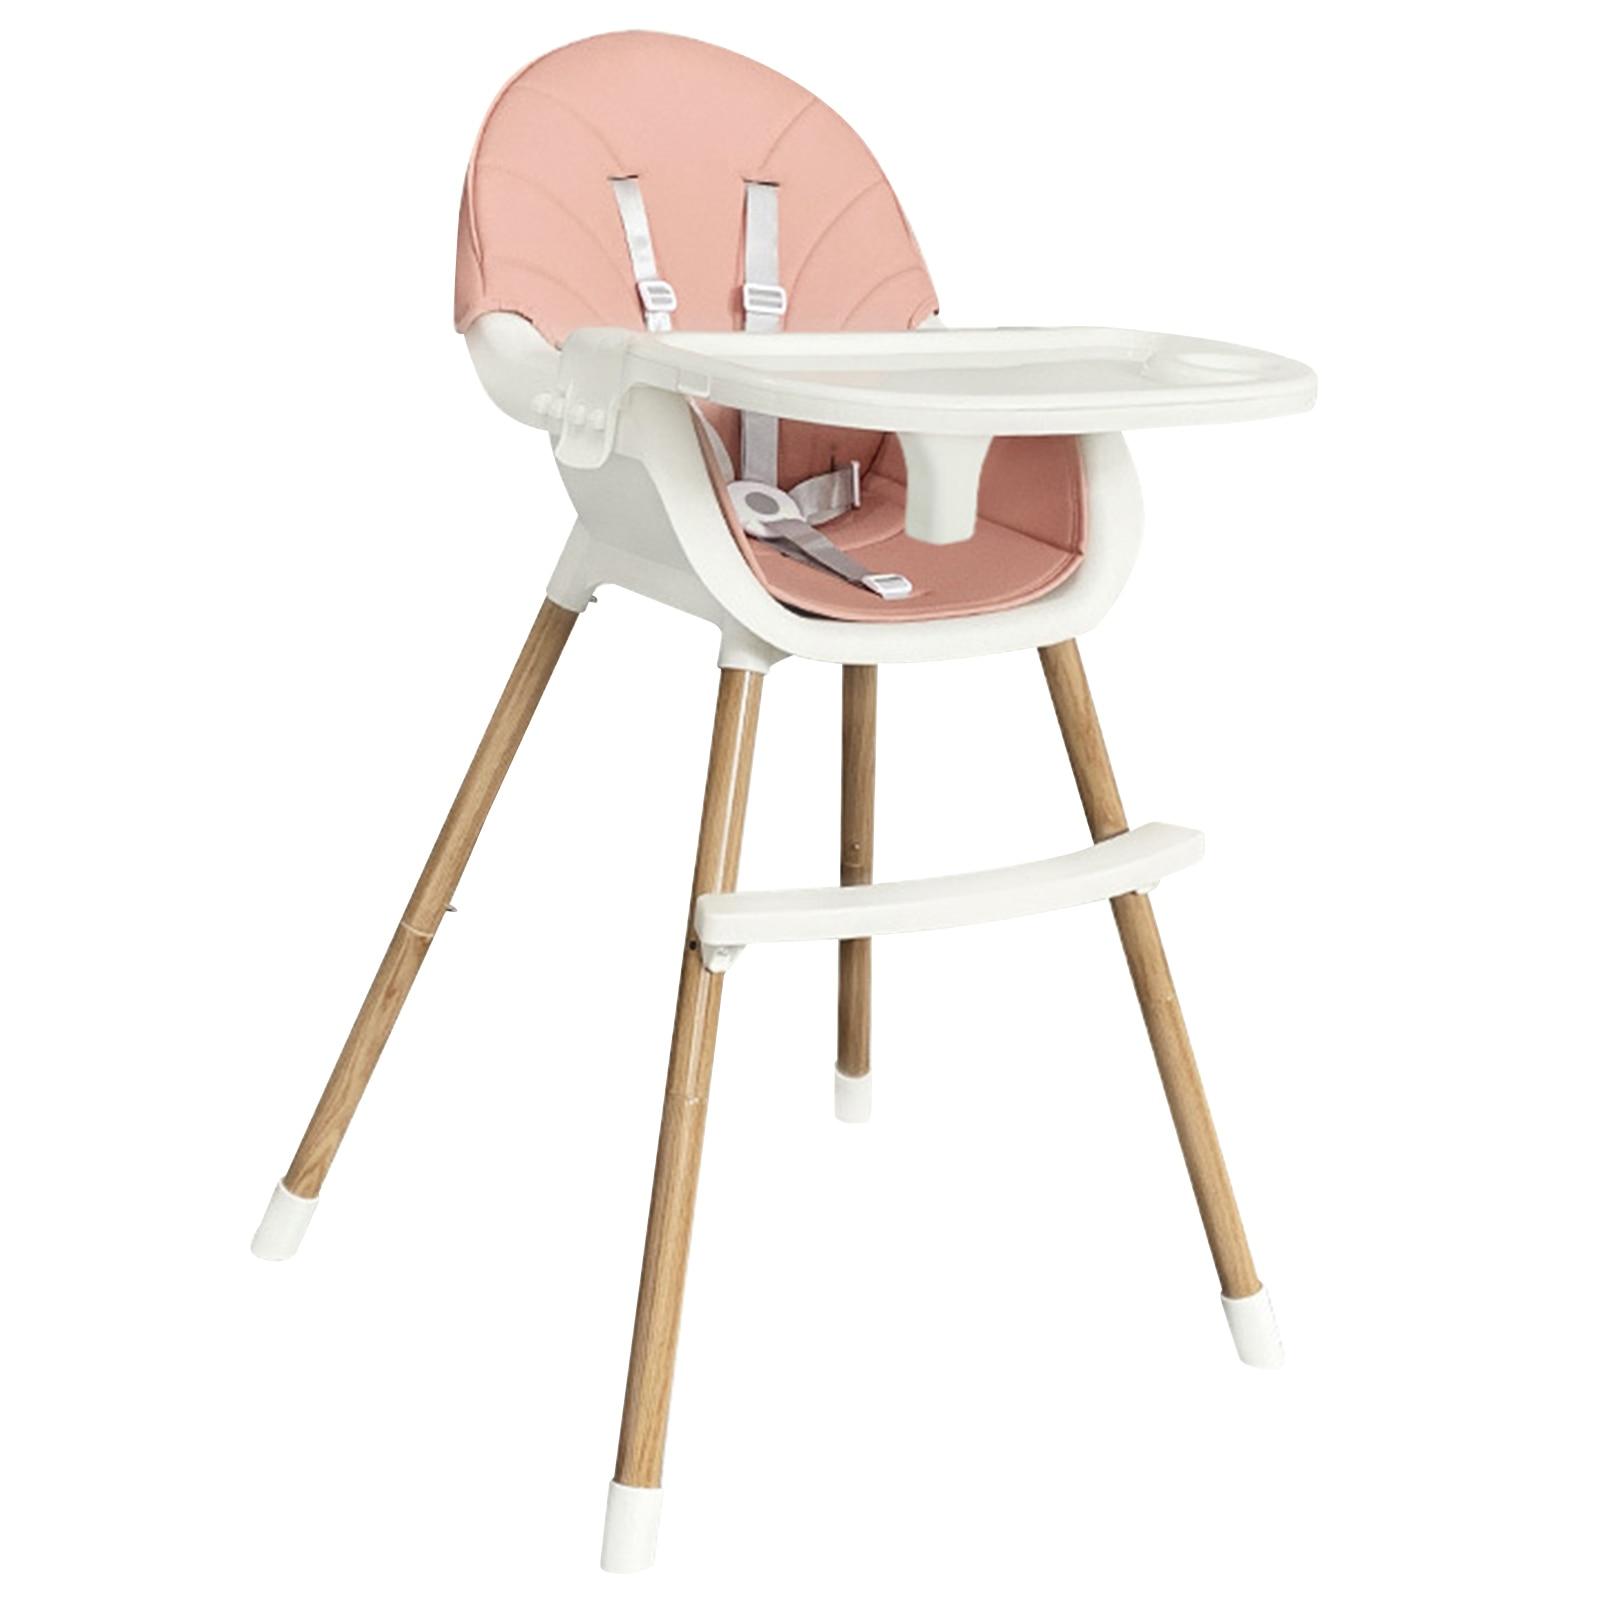 Детский высокий стул, подлинный портативный стул для кормления, детский высокий стул, Многофункциональный Детский обеденный стул 6